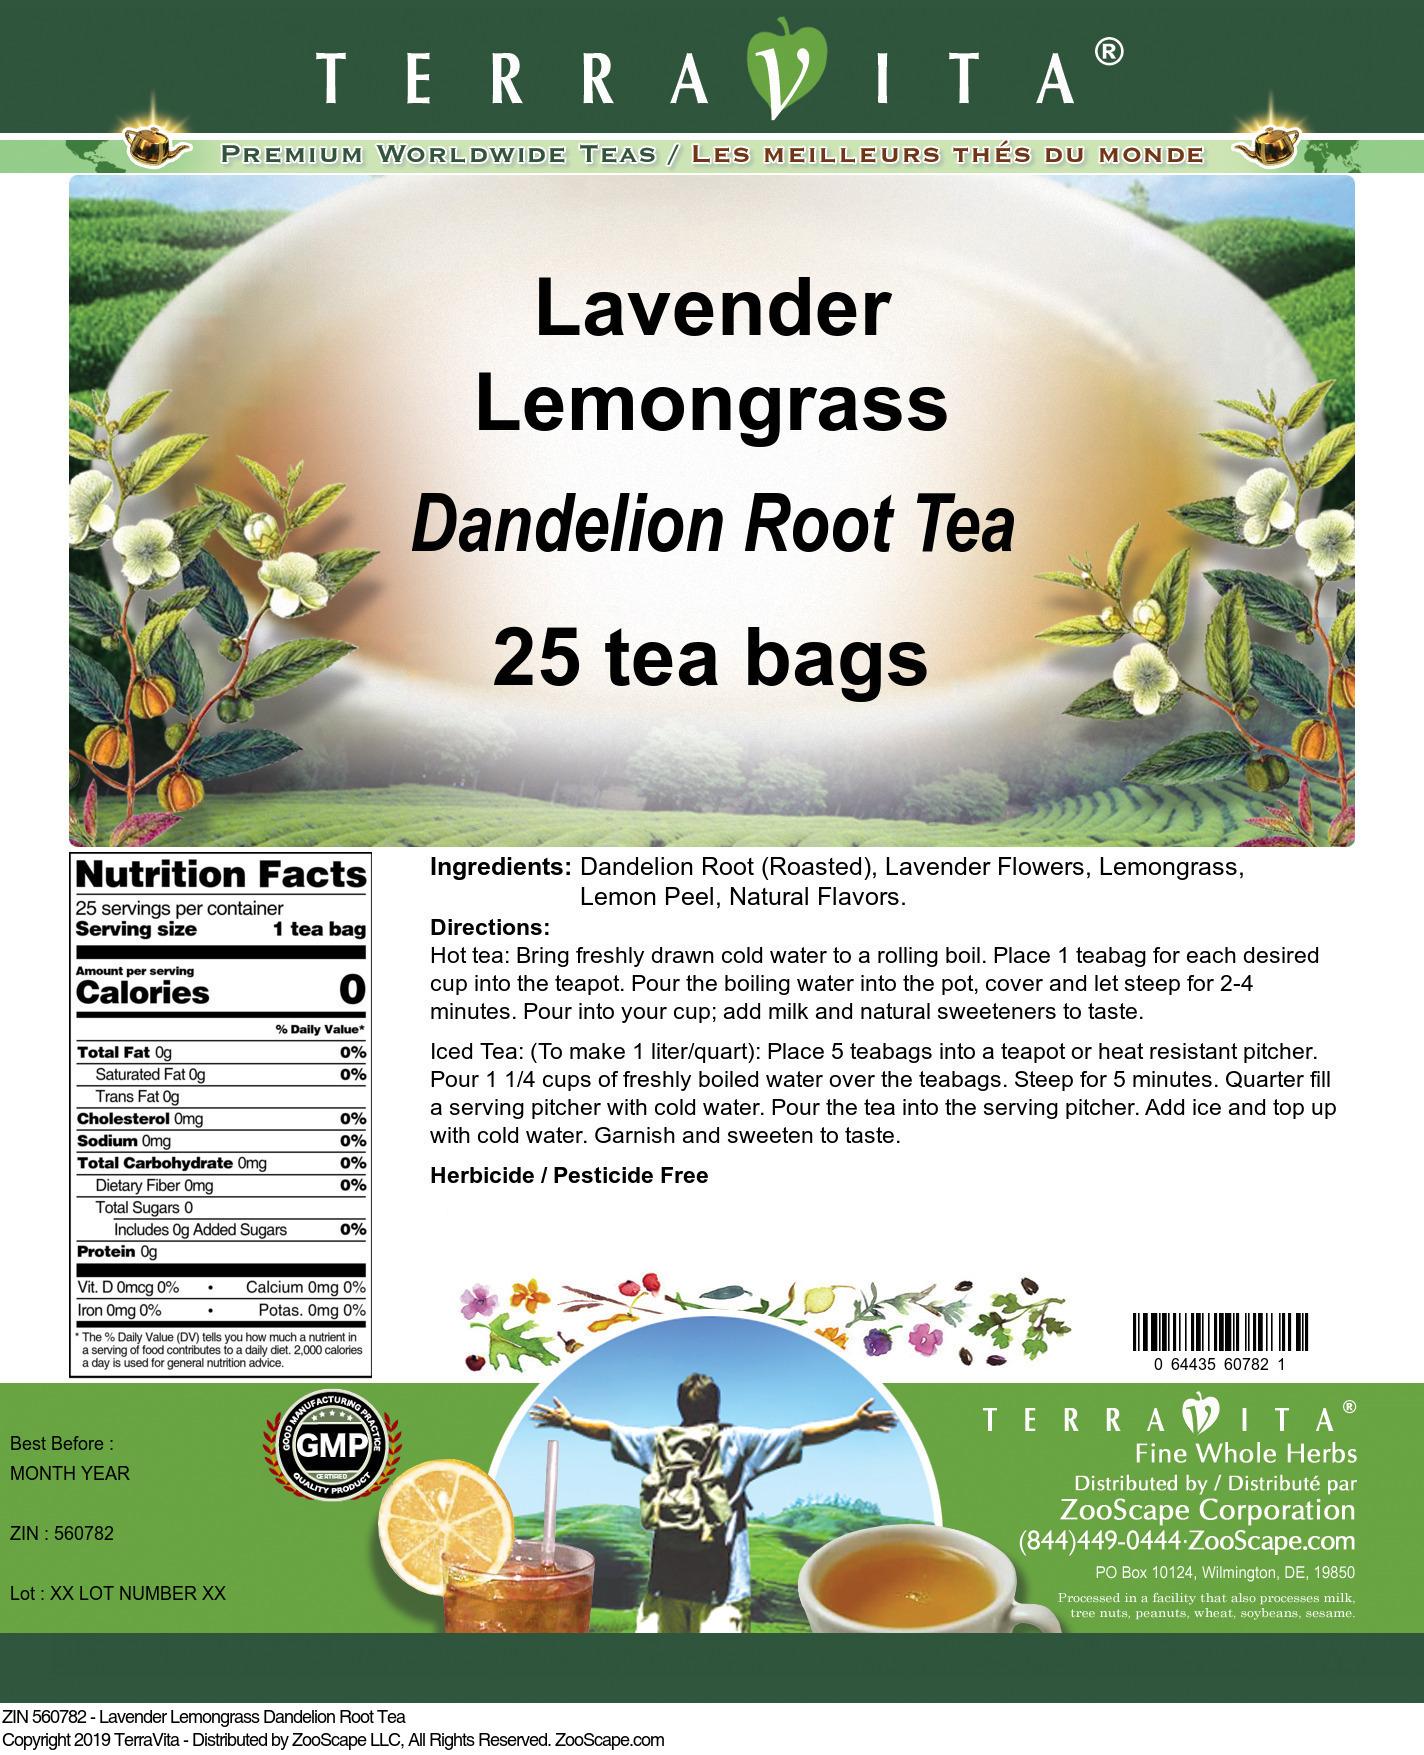 Lavender Lemongrass Dandelion Root